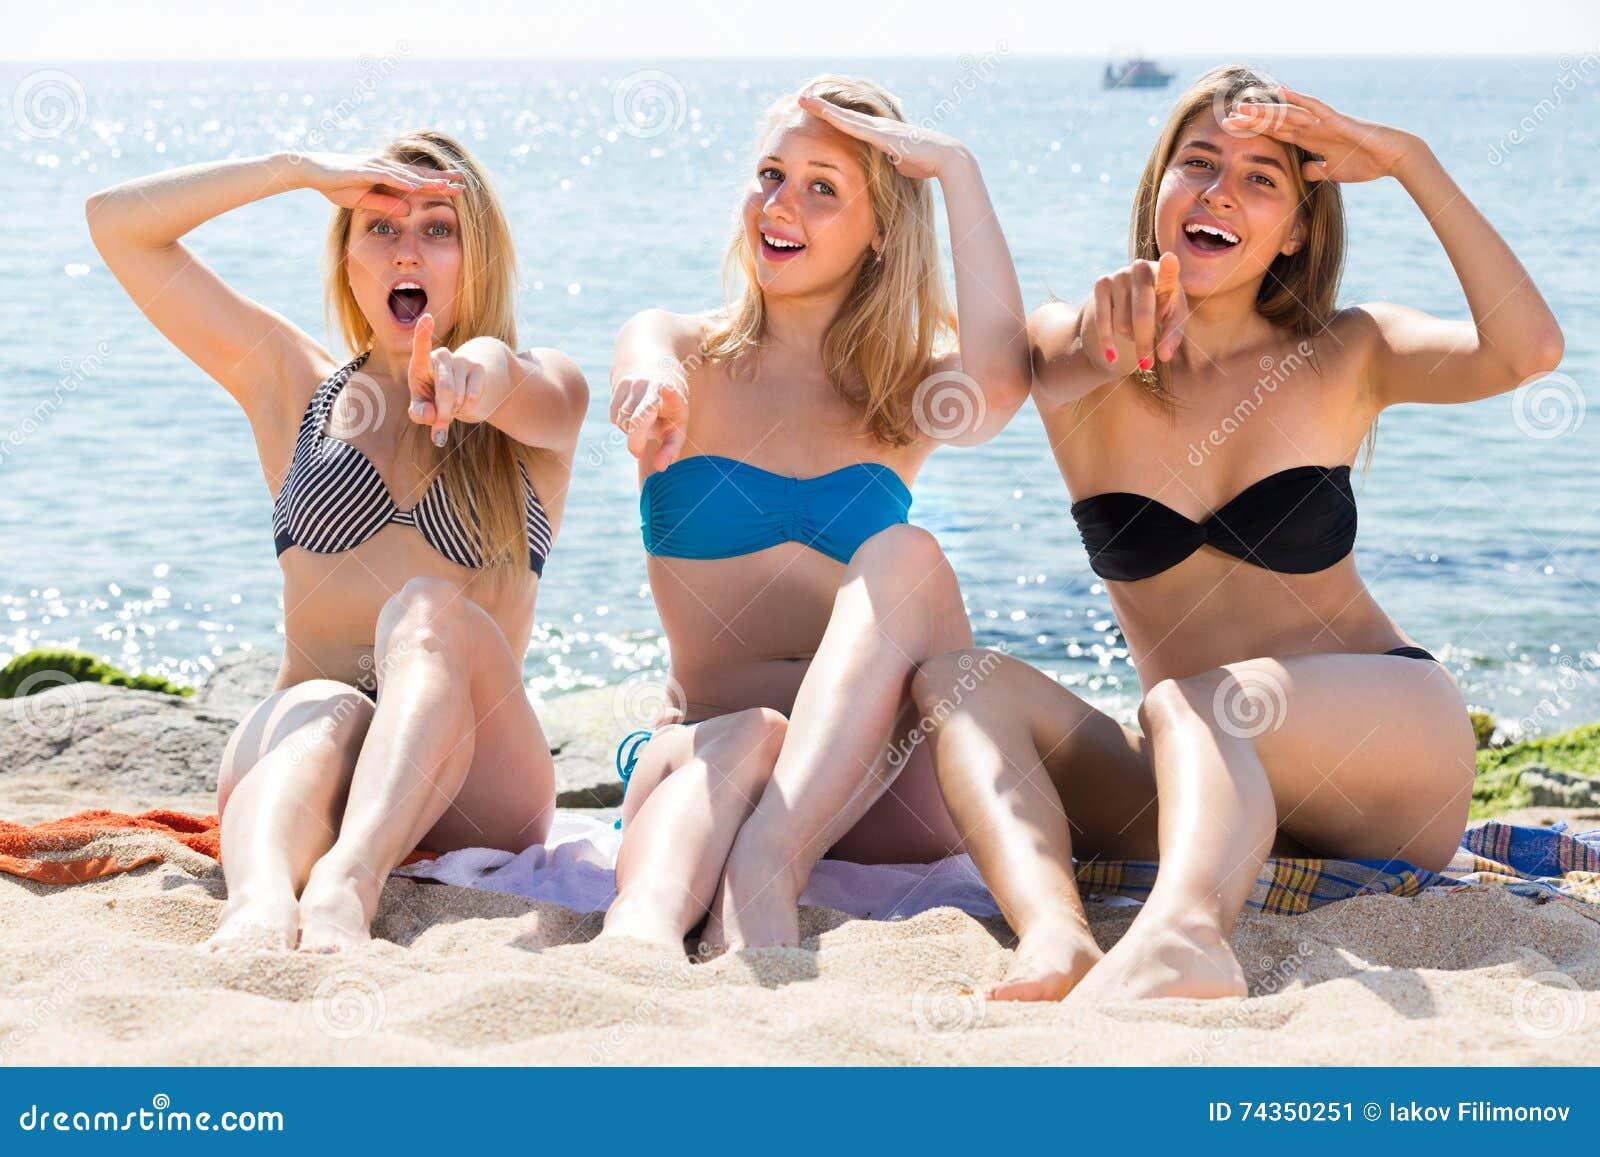 Women In Bikinis Three Romanian 73